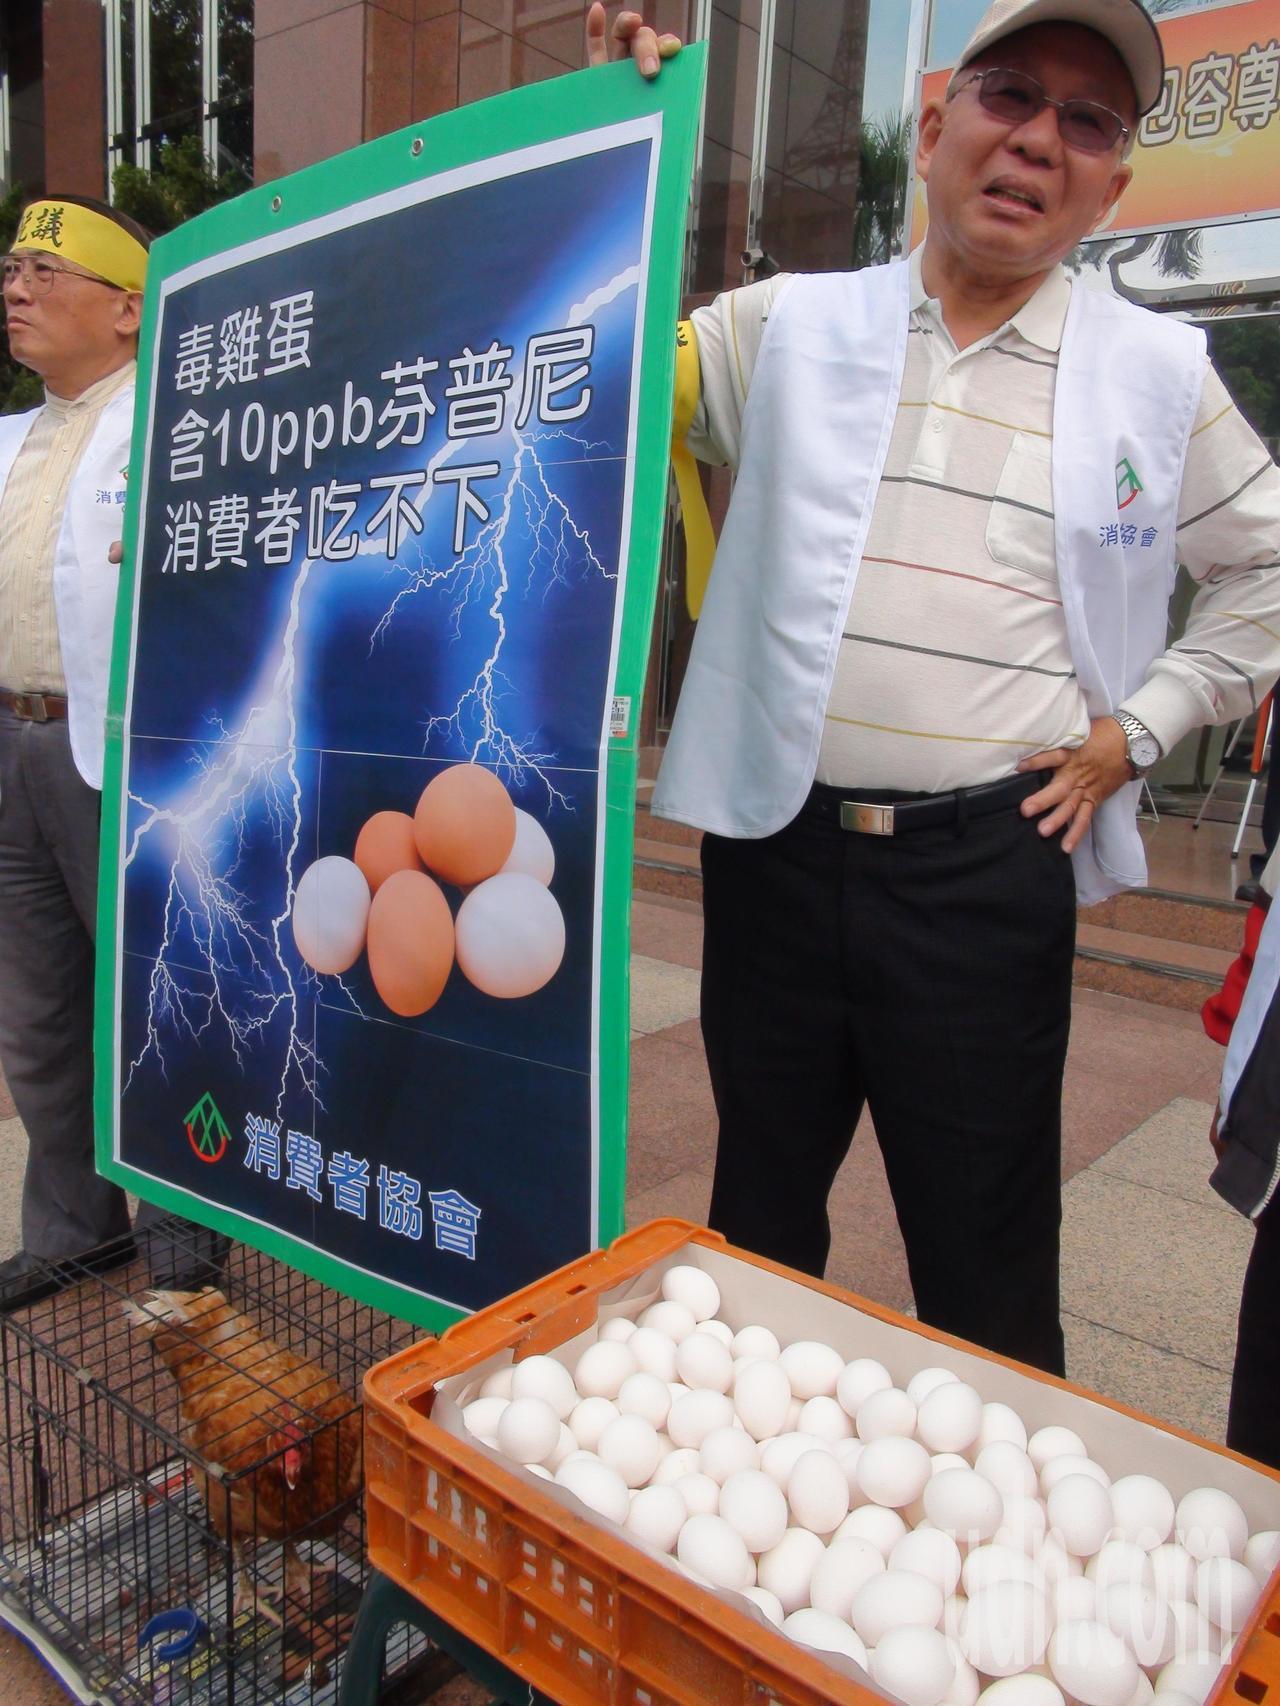 社團法人台灣消費者權益發展協會認為政府犧牲消費者健康,今天上午9點45分到行政院...